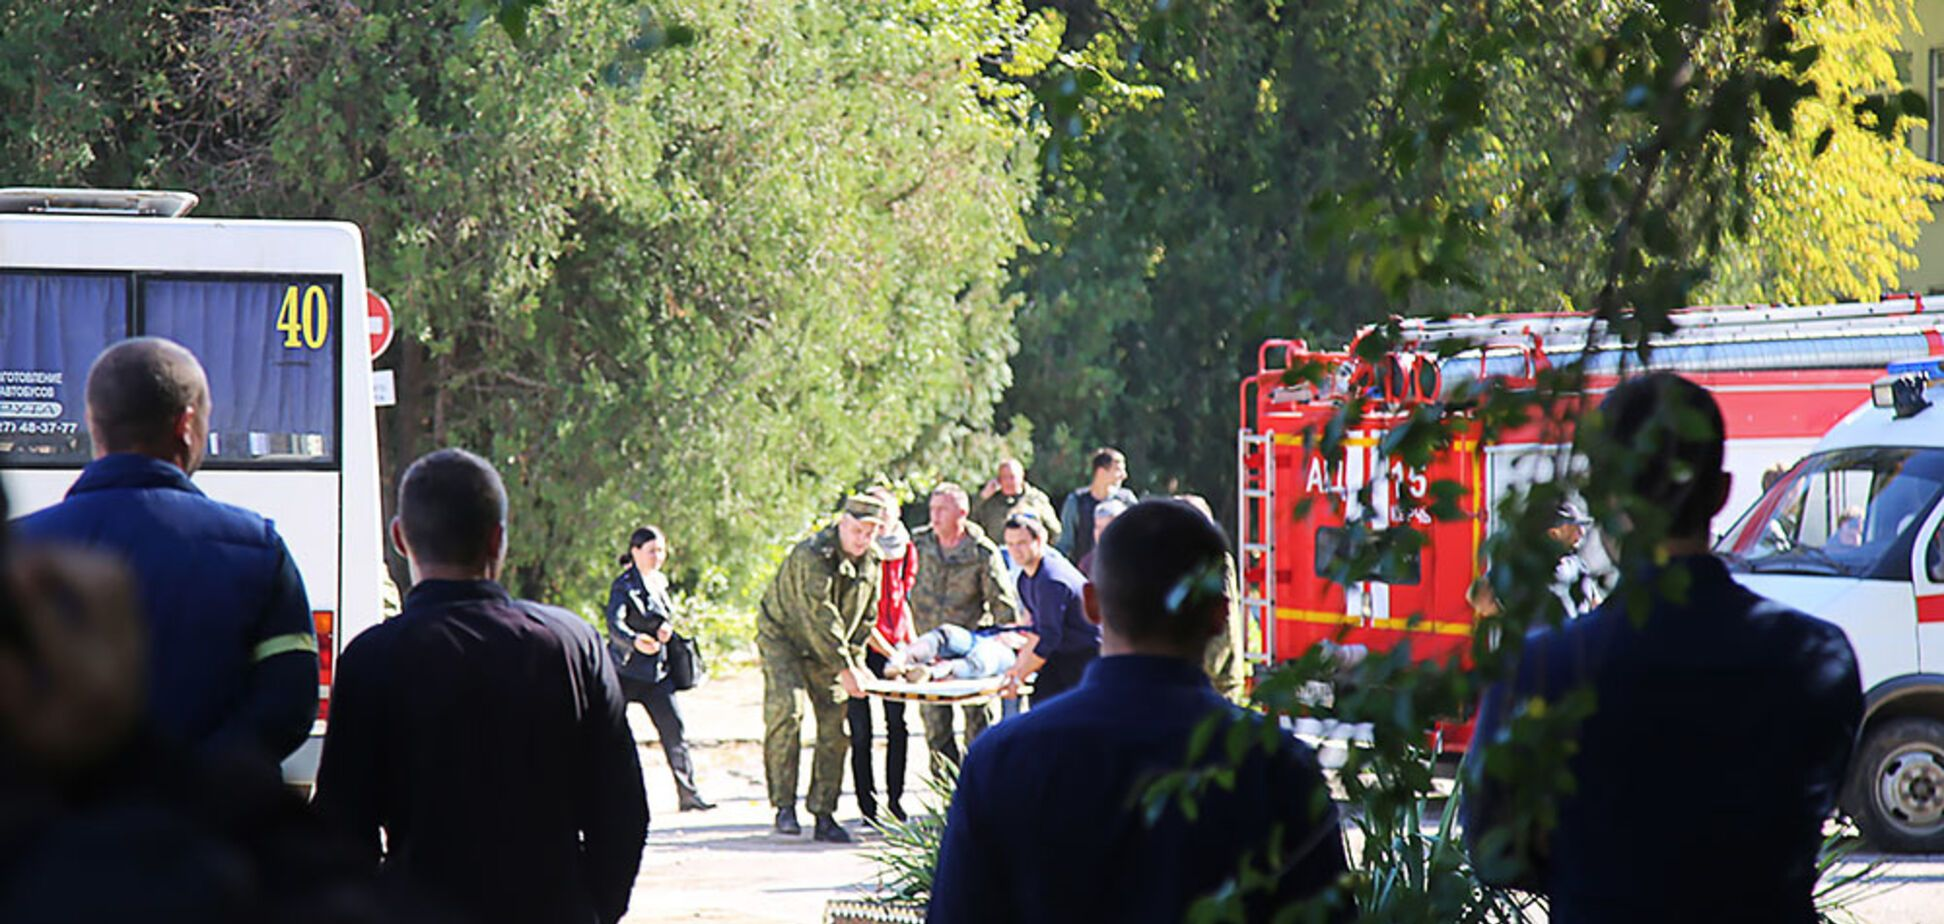 Взрыв в Керчи: в сети ищут пропавших подростков